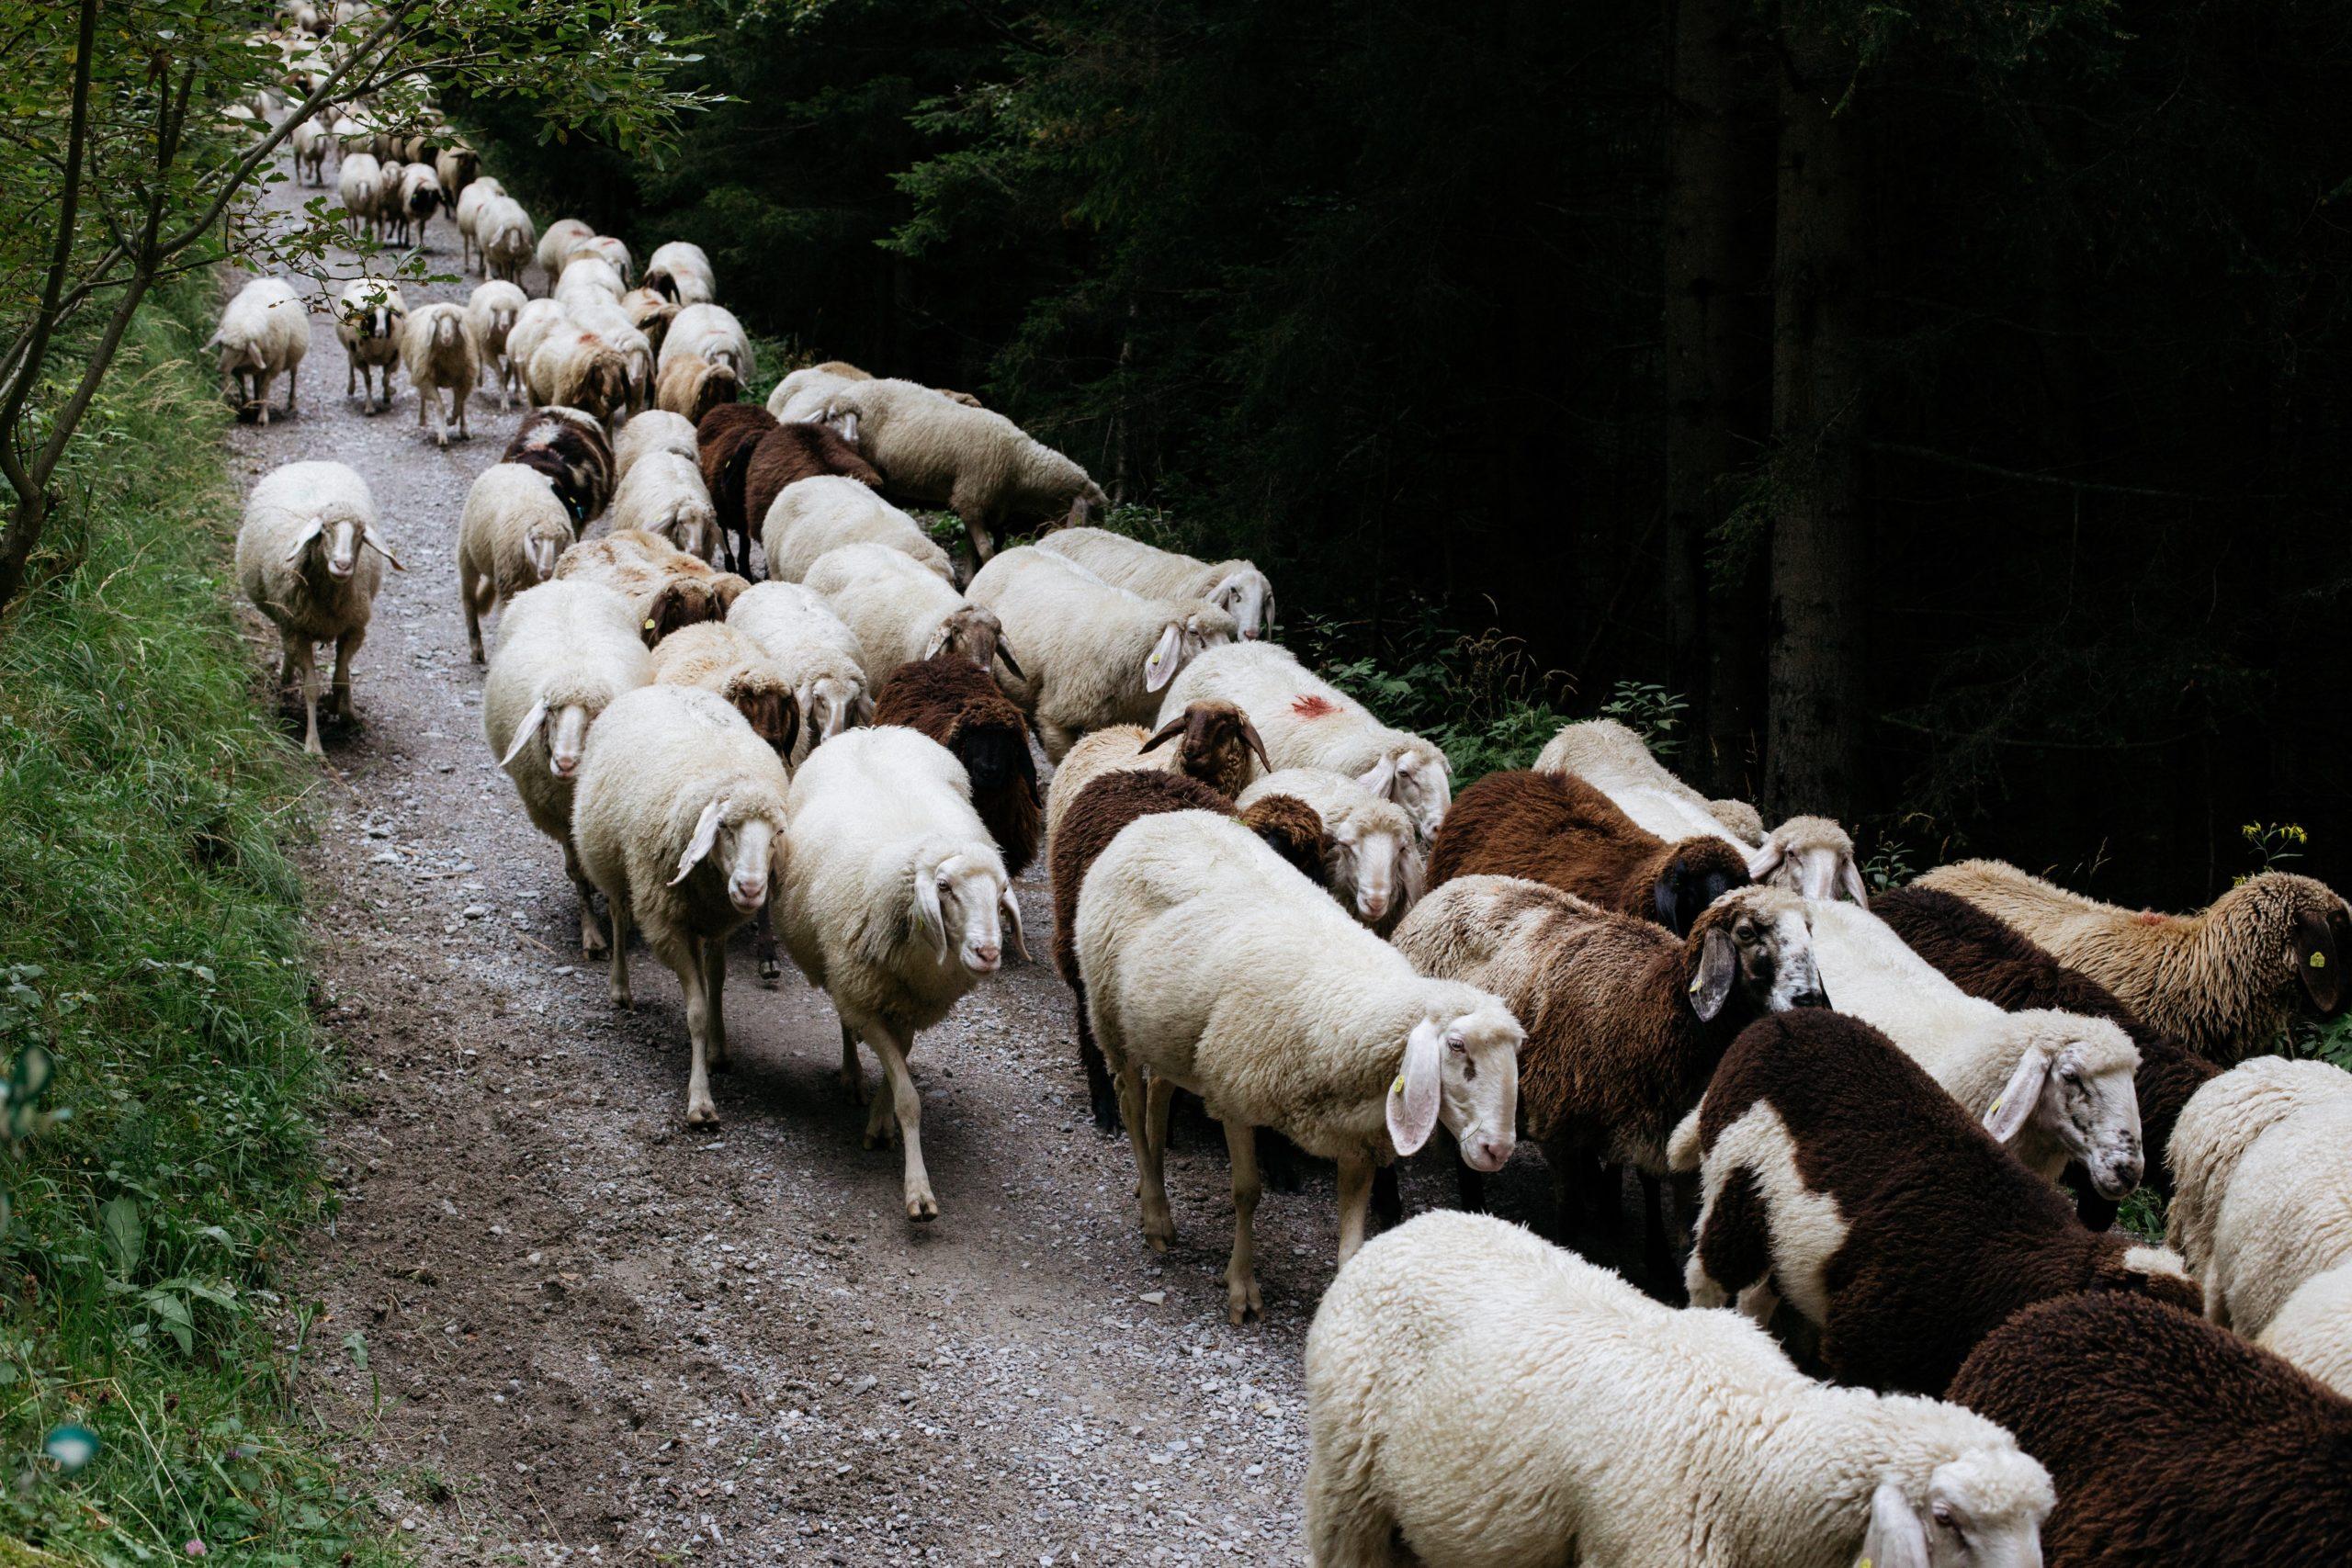 Adulte zèbre surdoué : faut il être un mouton pour s'intégrer ?